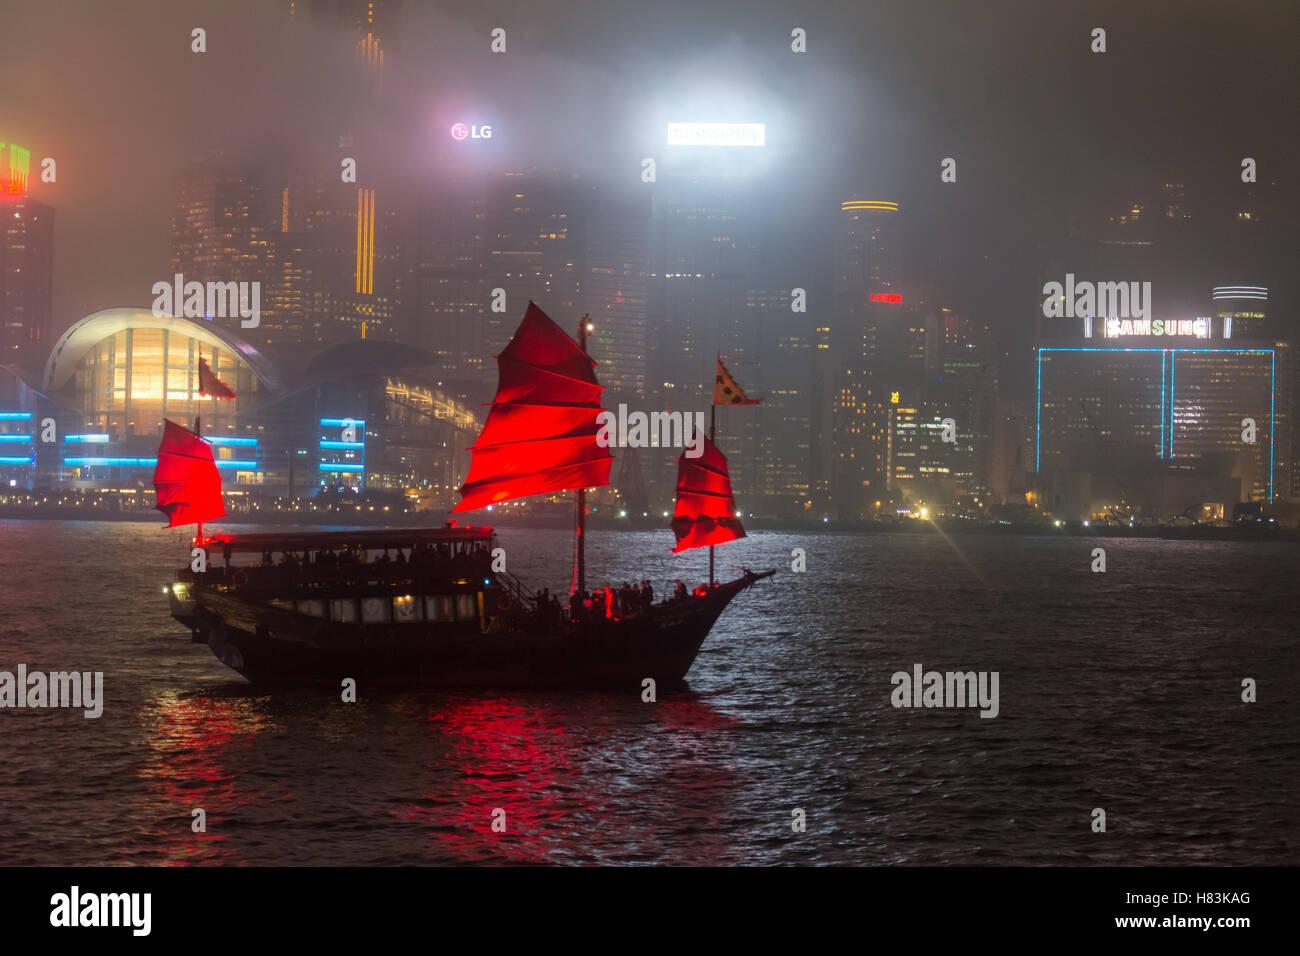 Junk boat sailing on Hong Kong - Stock Image